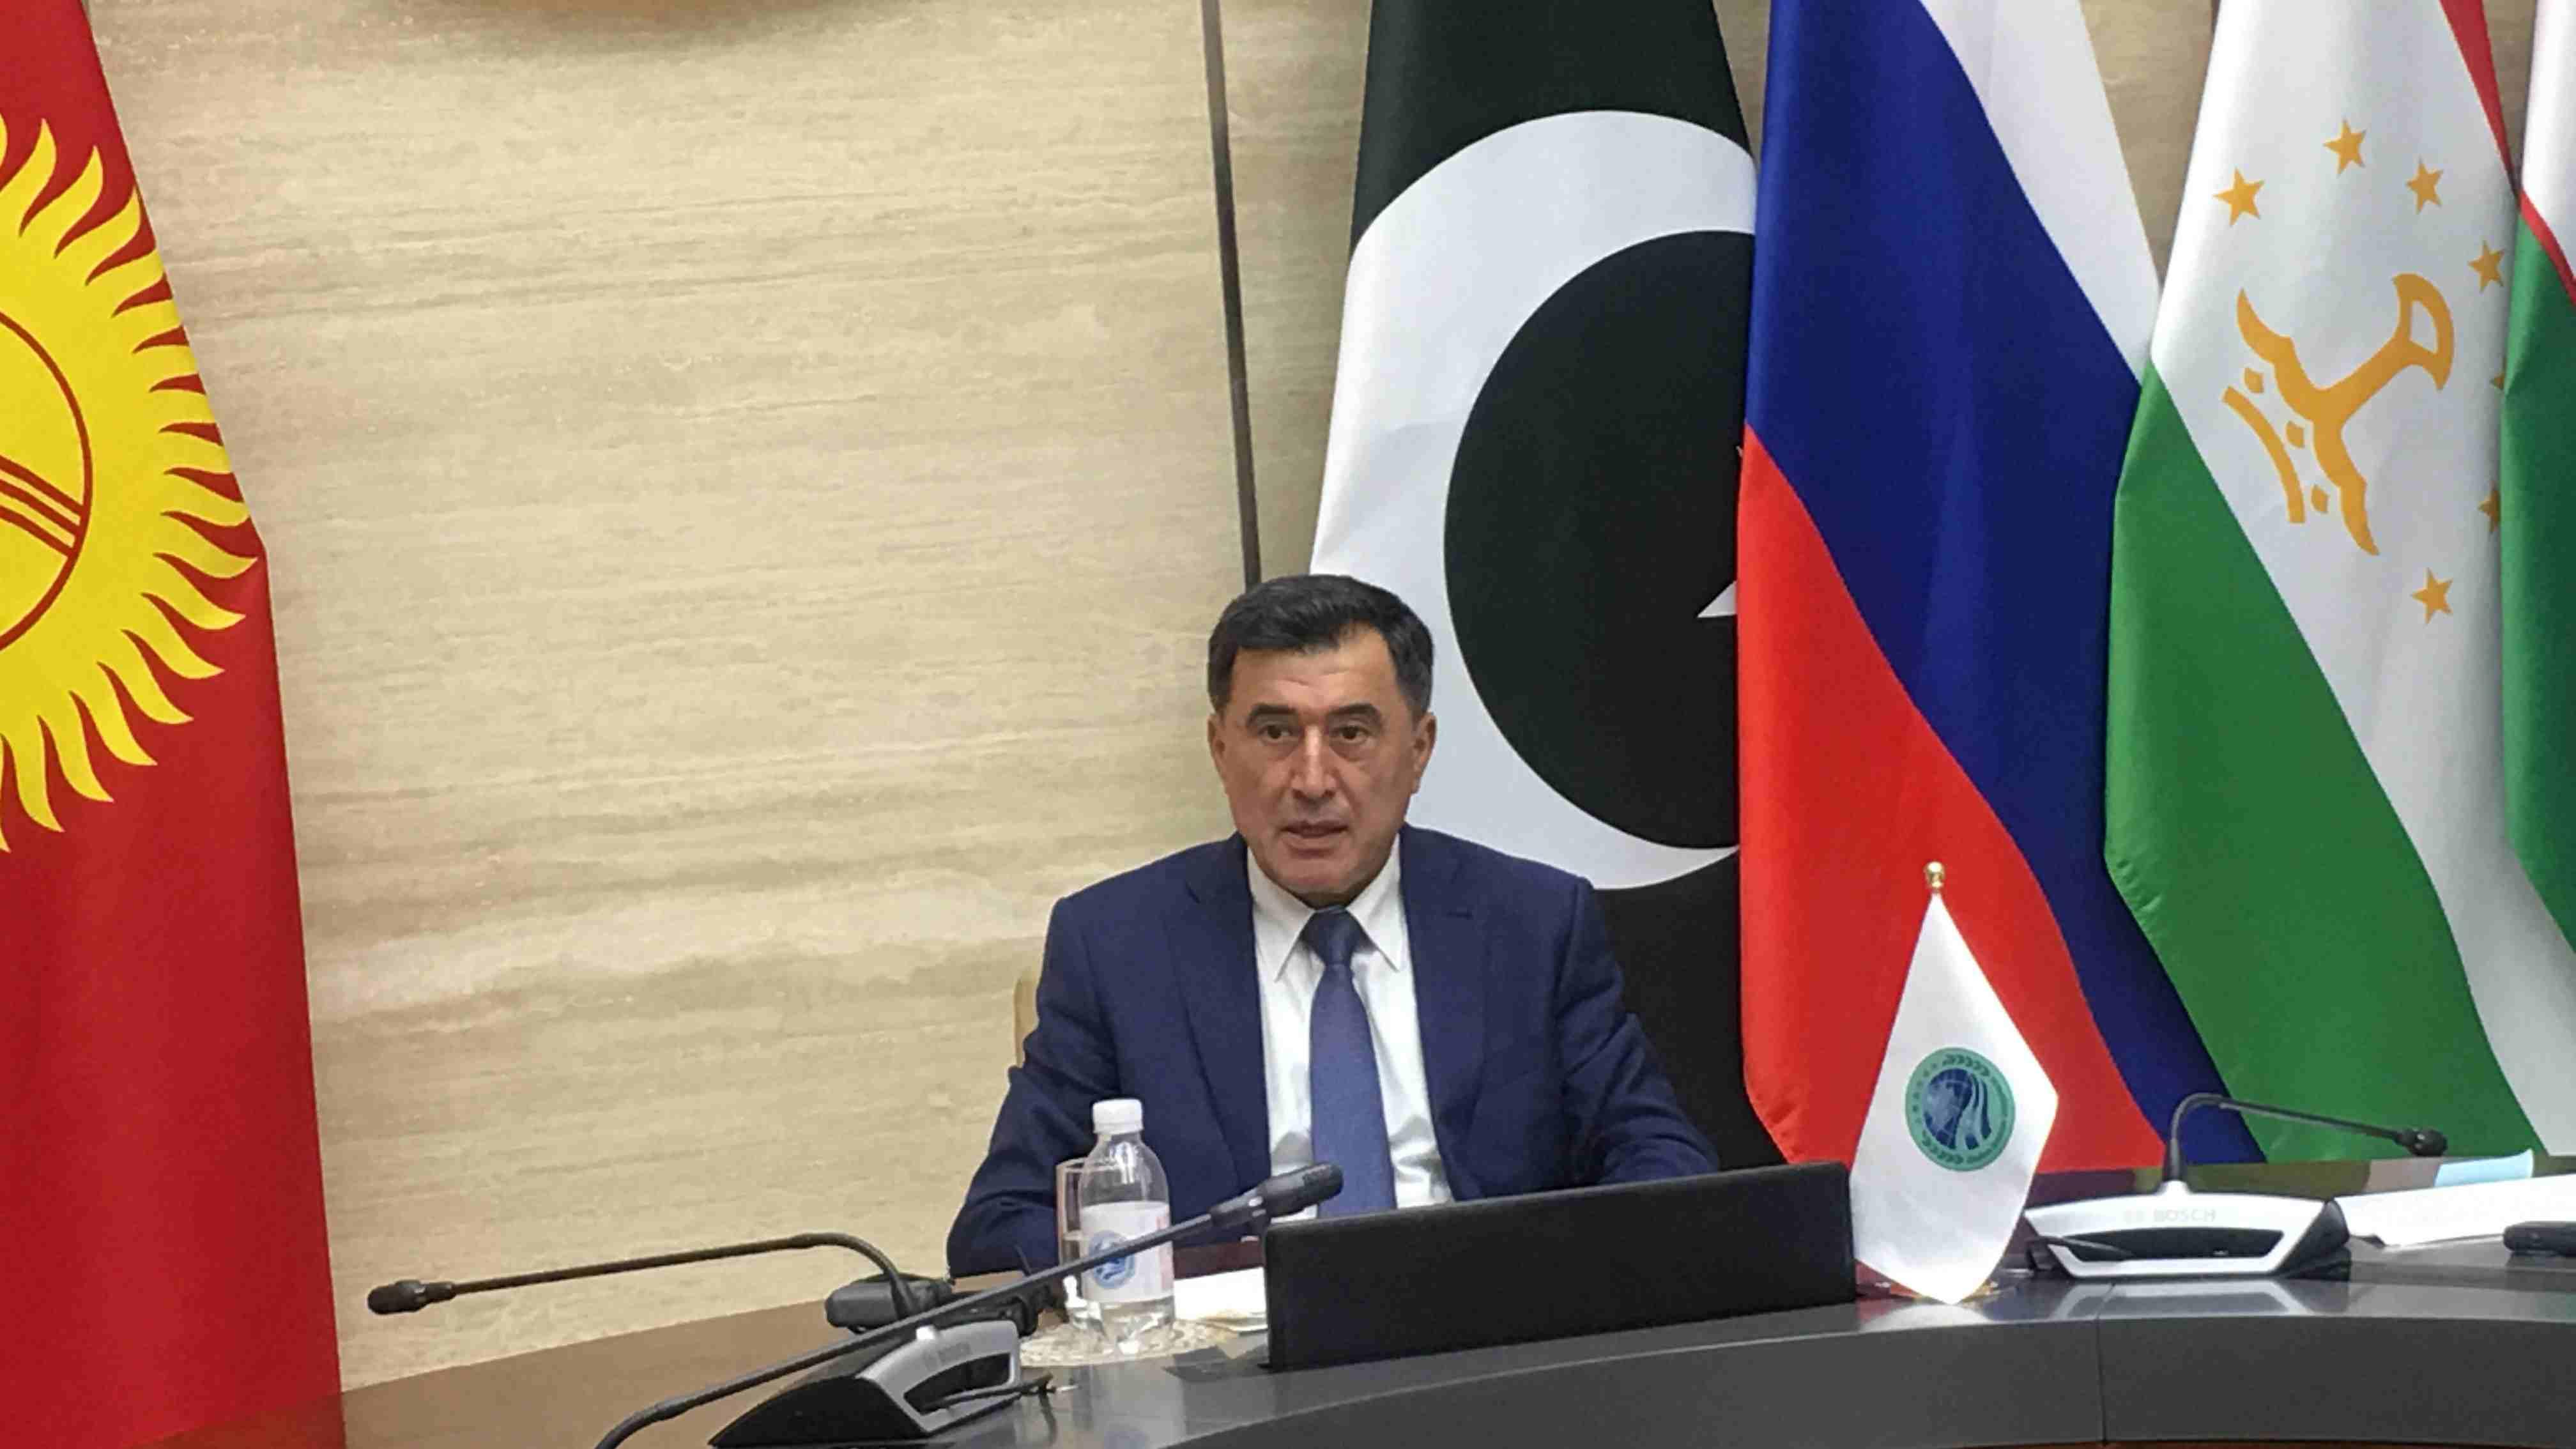 SCO Secretary General Norov: Terrorism, security to top agenda of leaders' summit in Bishkek